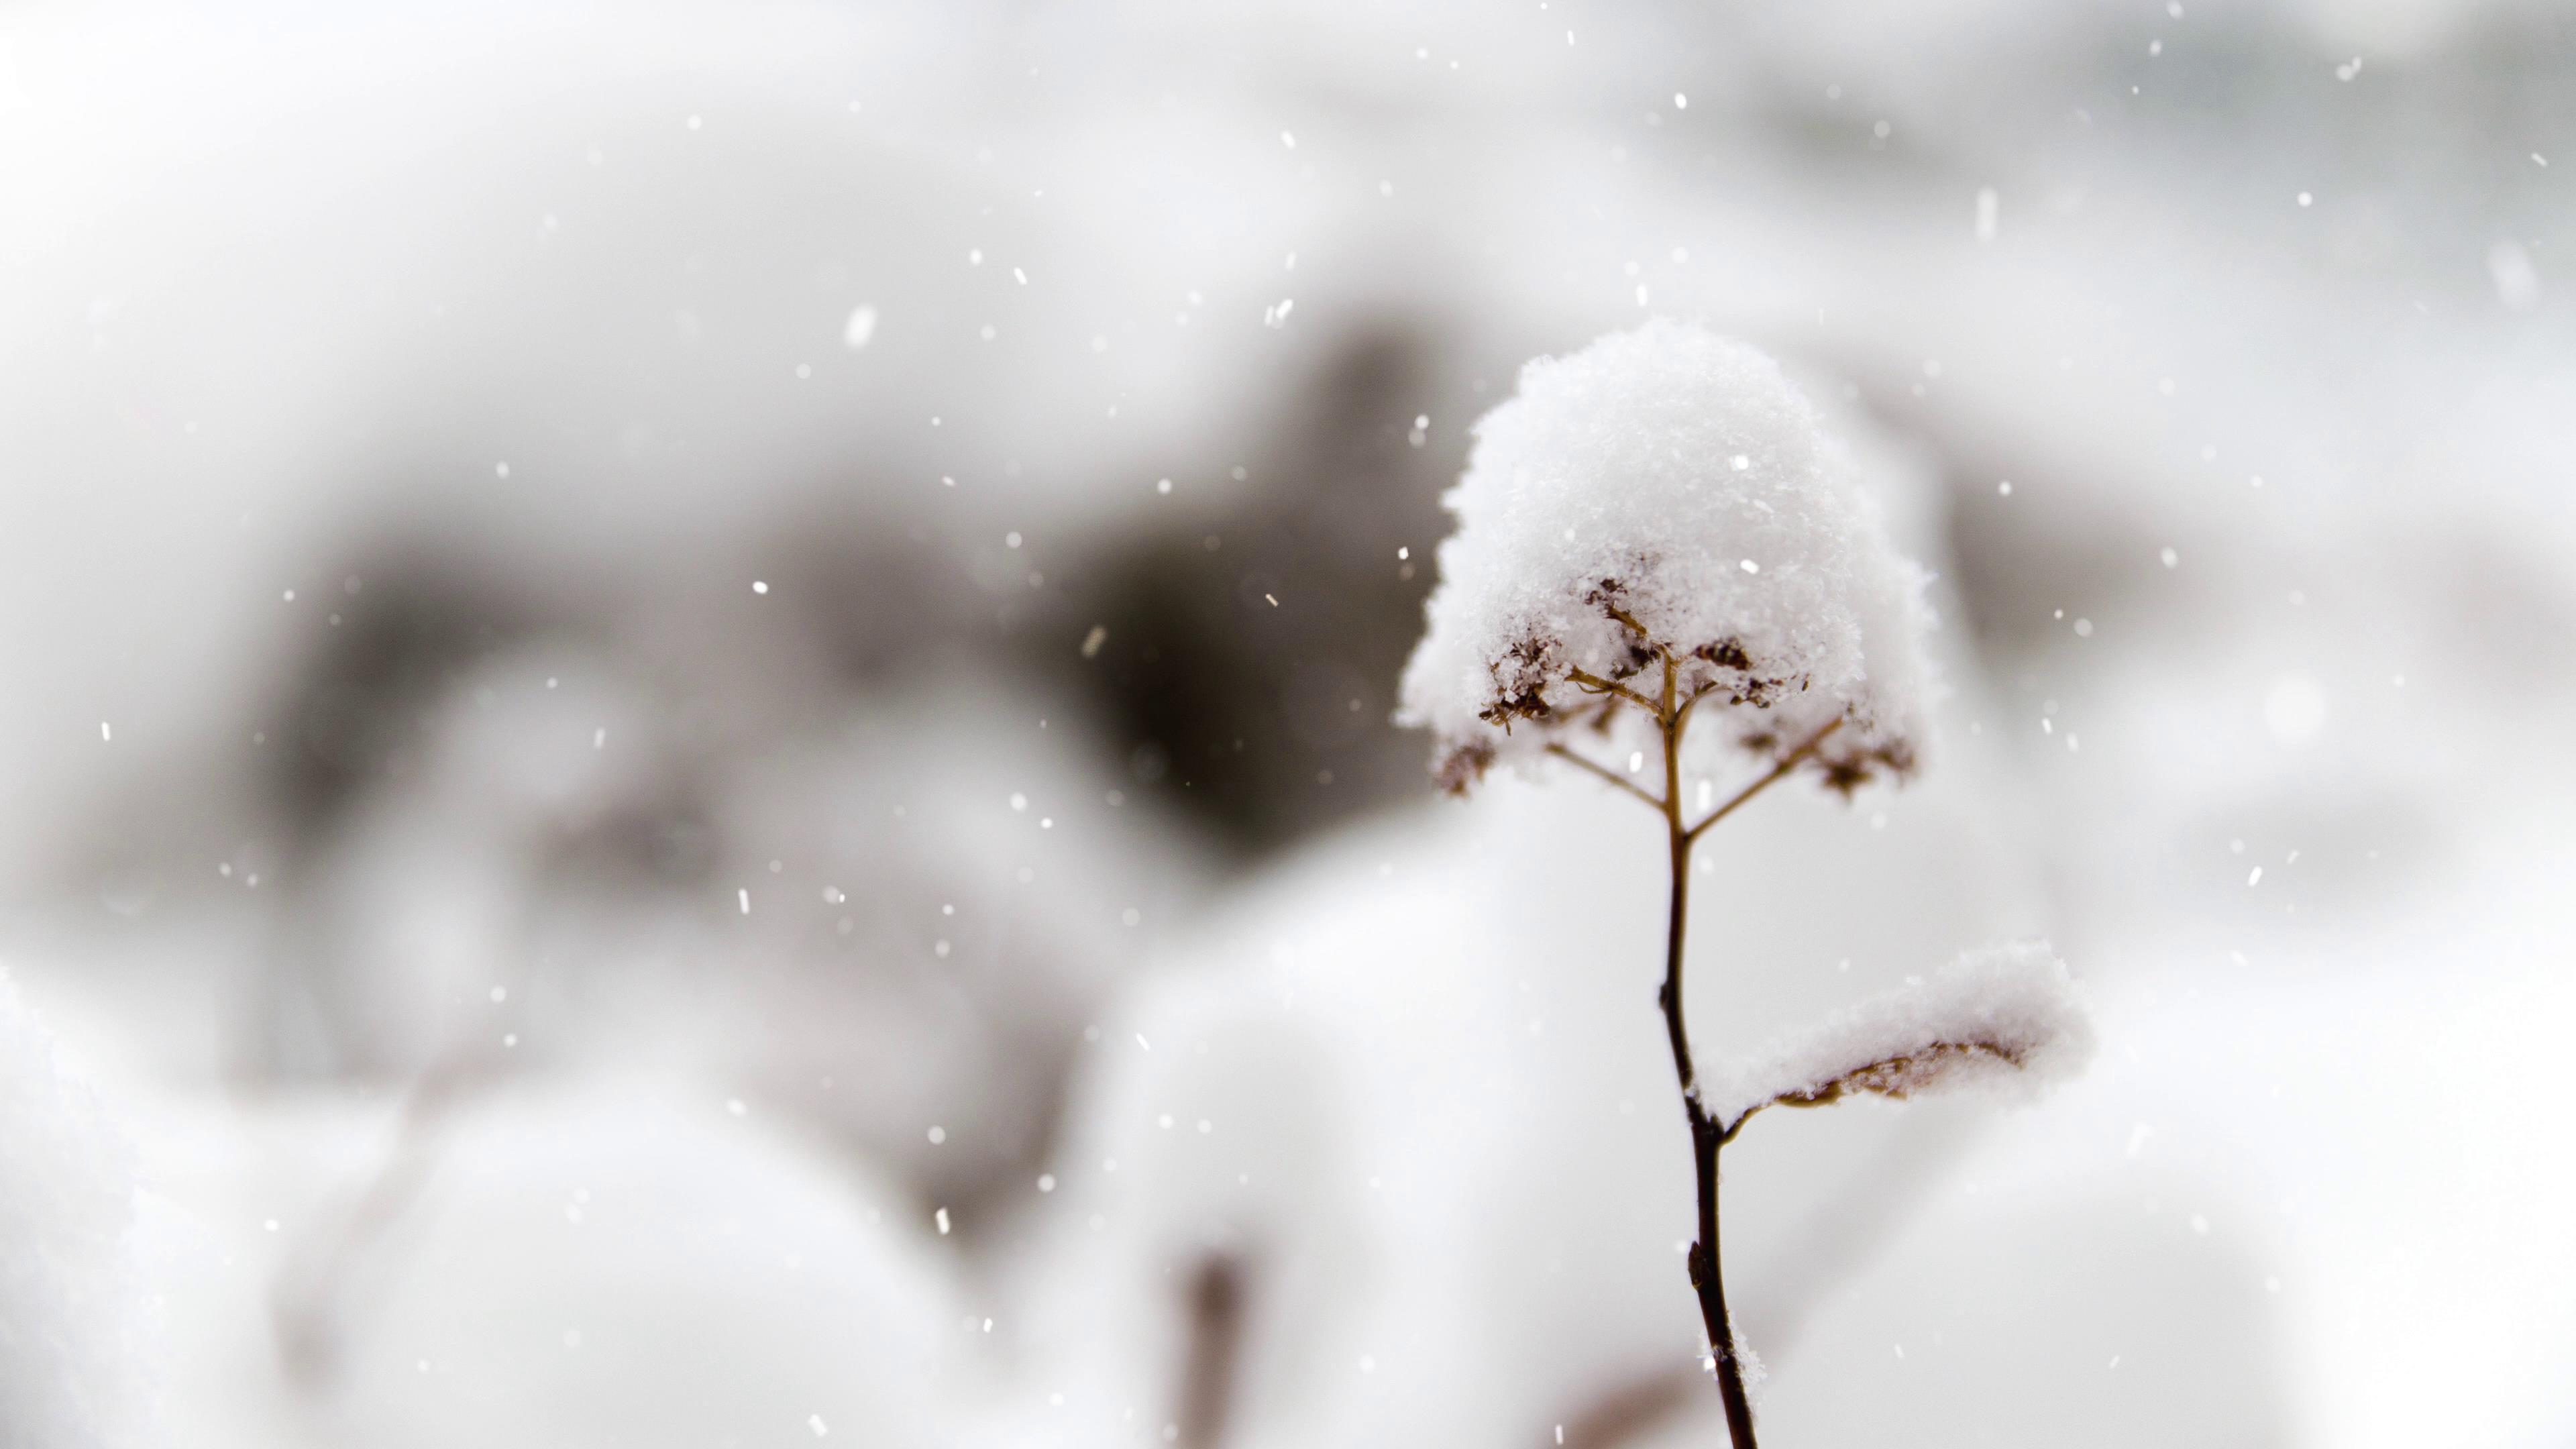 [4K]白茫茫雪花飘落近焦特写唯美背景高清实拍